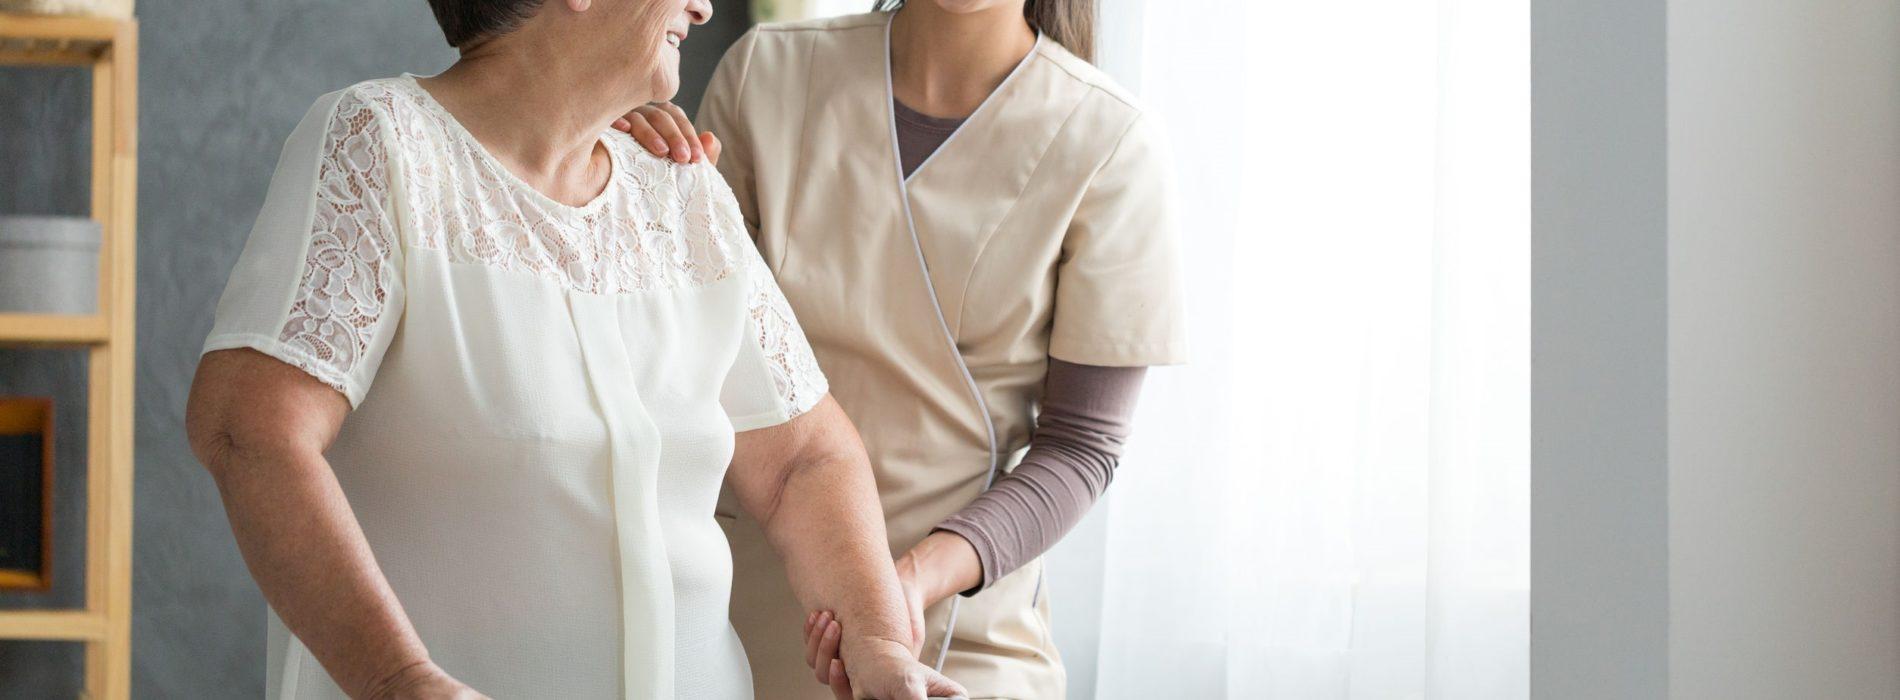 Olej CBD a choroba Parkinsona, potencjalne korzyści stosowania CBD